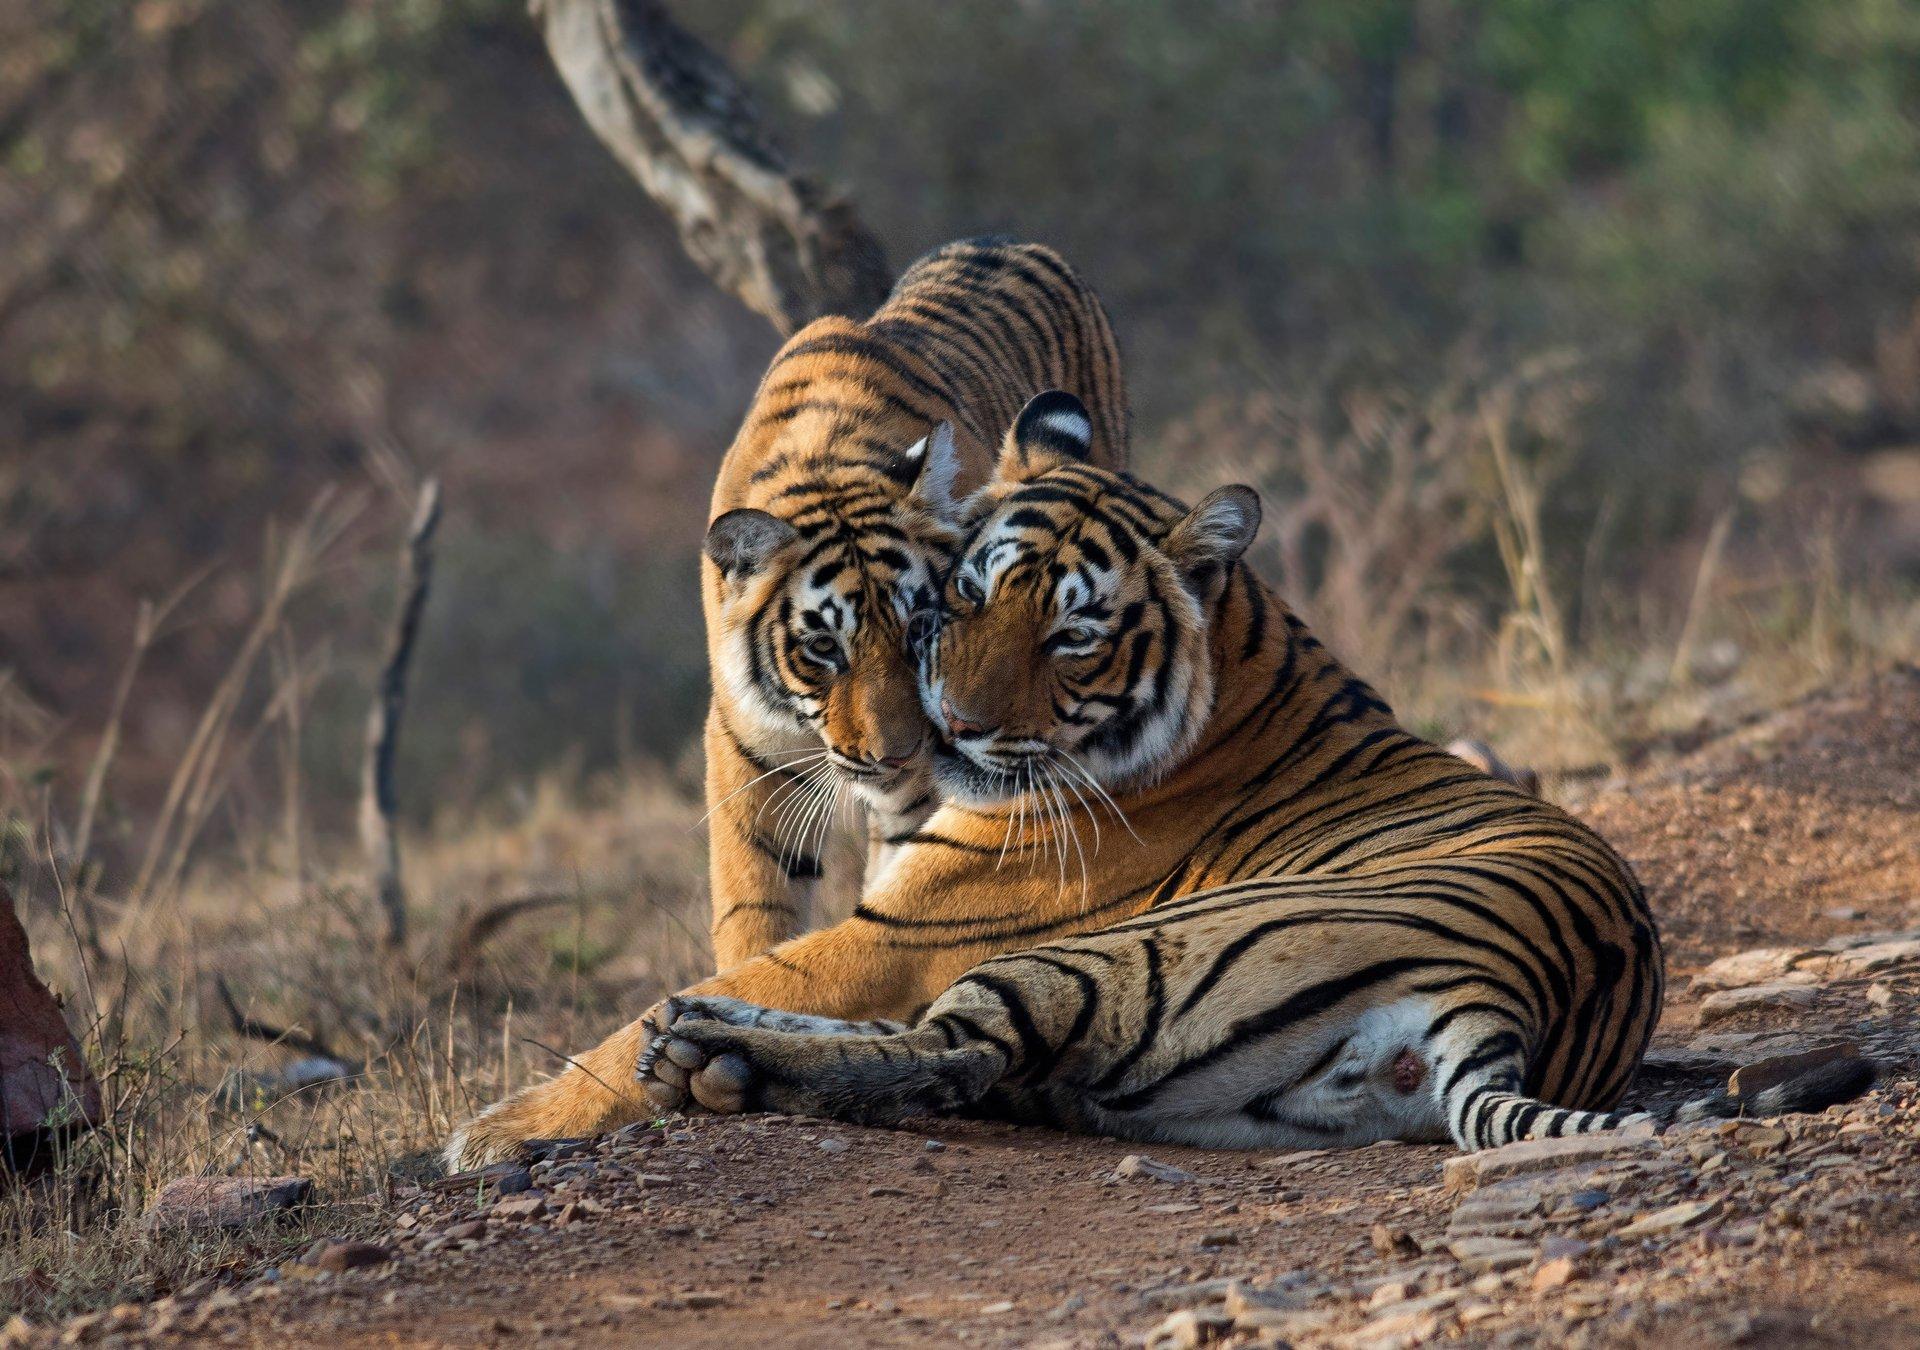 Tiger Safari in Ranthambore National Park in Taj Mahal and Agra  2020 - Best Time